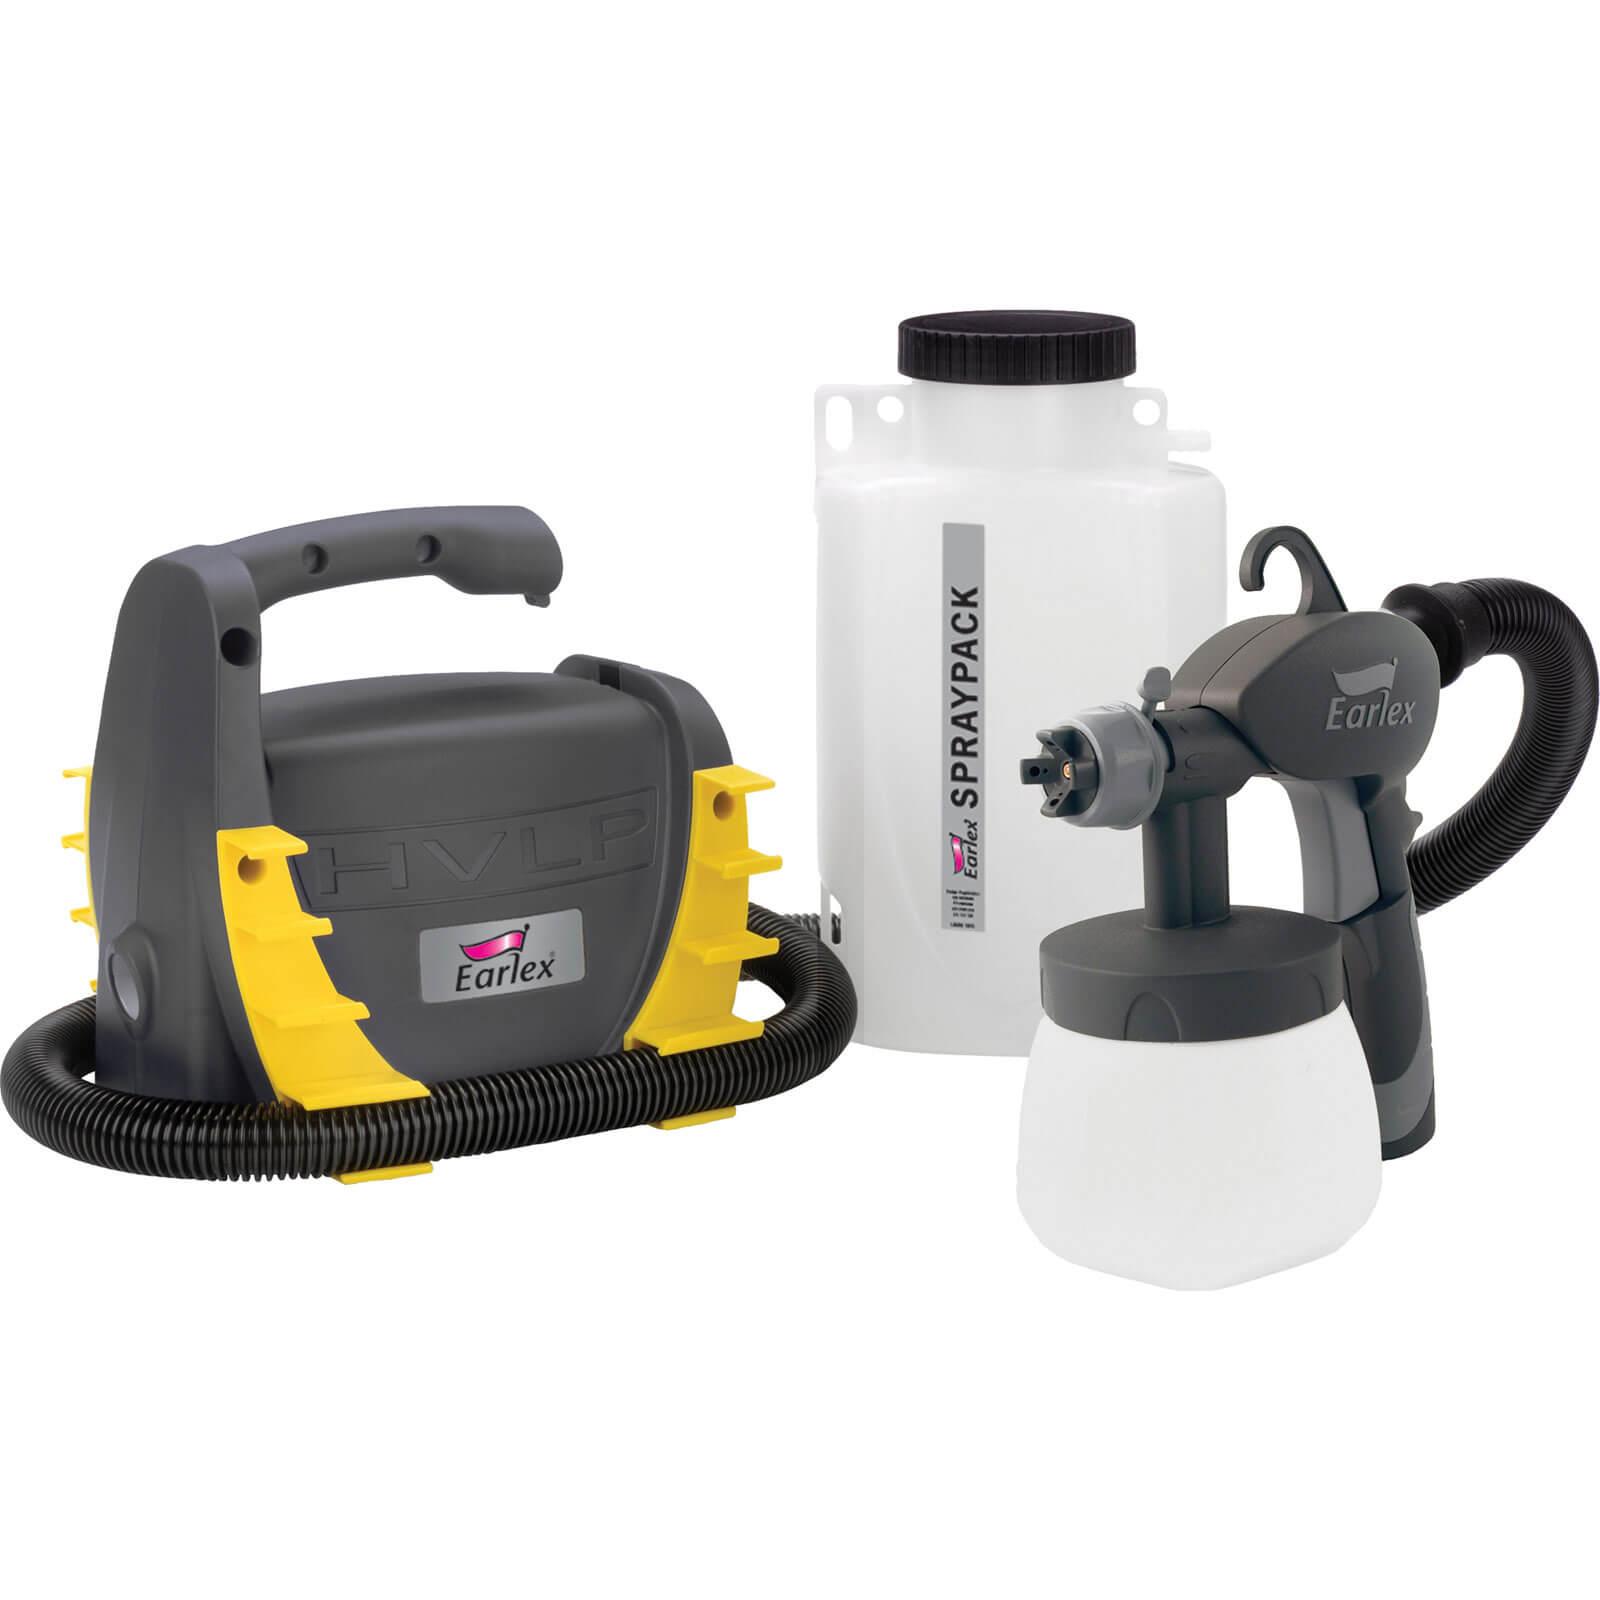 Earlex HV3900UKP Back Pack Paint Sprayer Unit 550w 240v